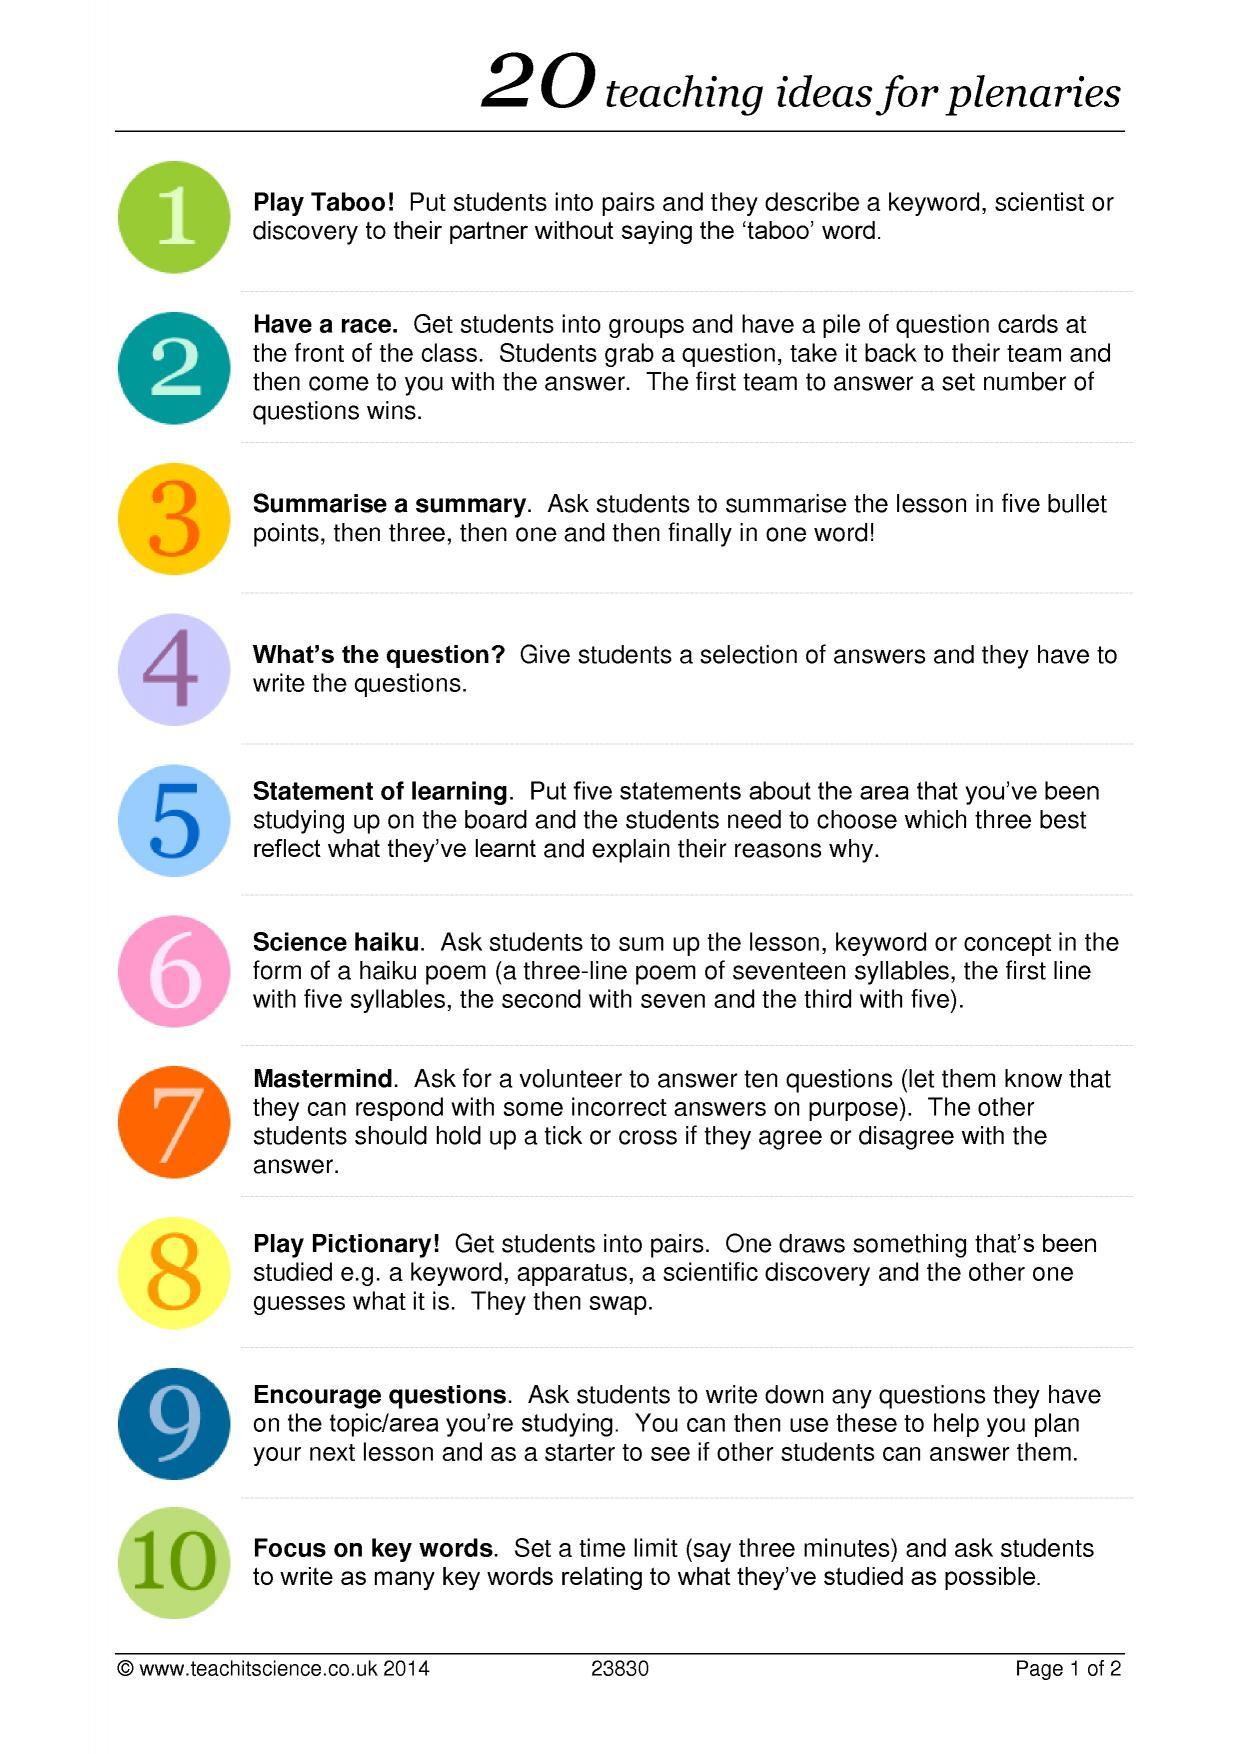 20 Teaching Ideas For Plenaries